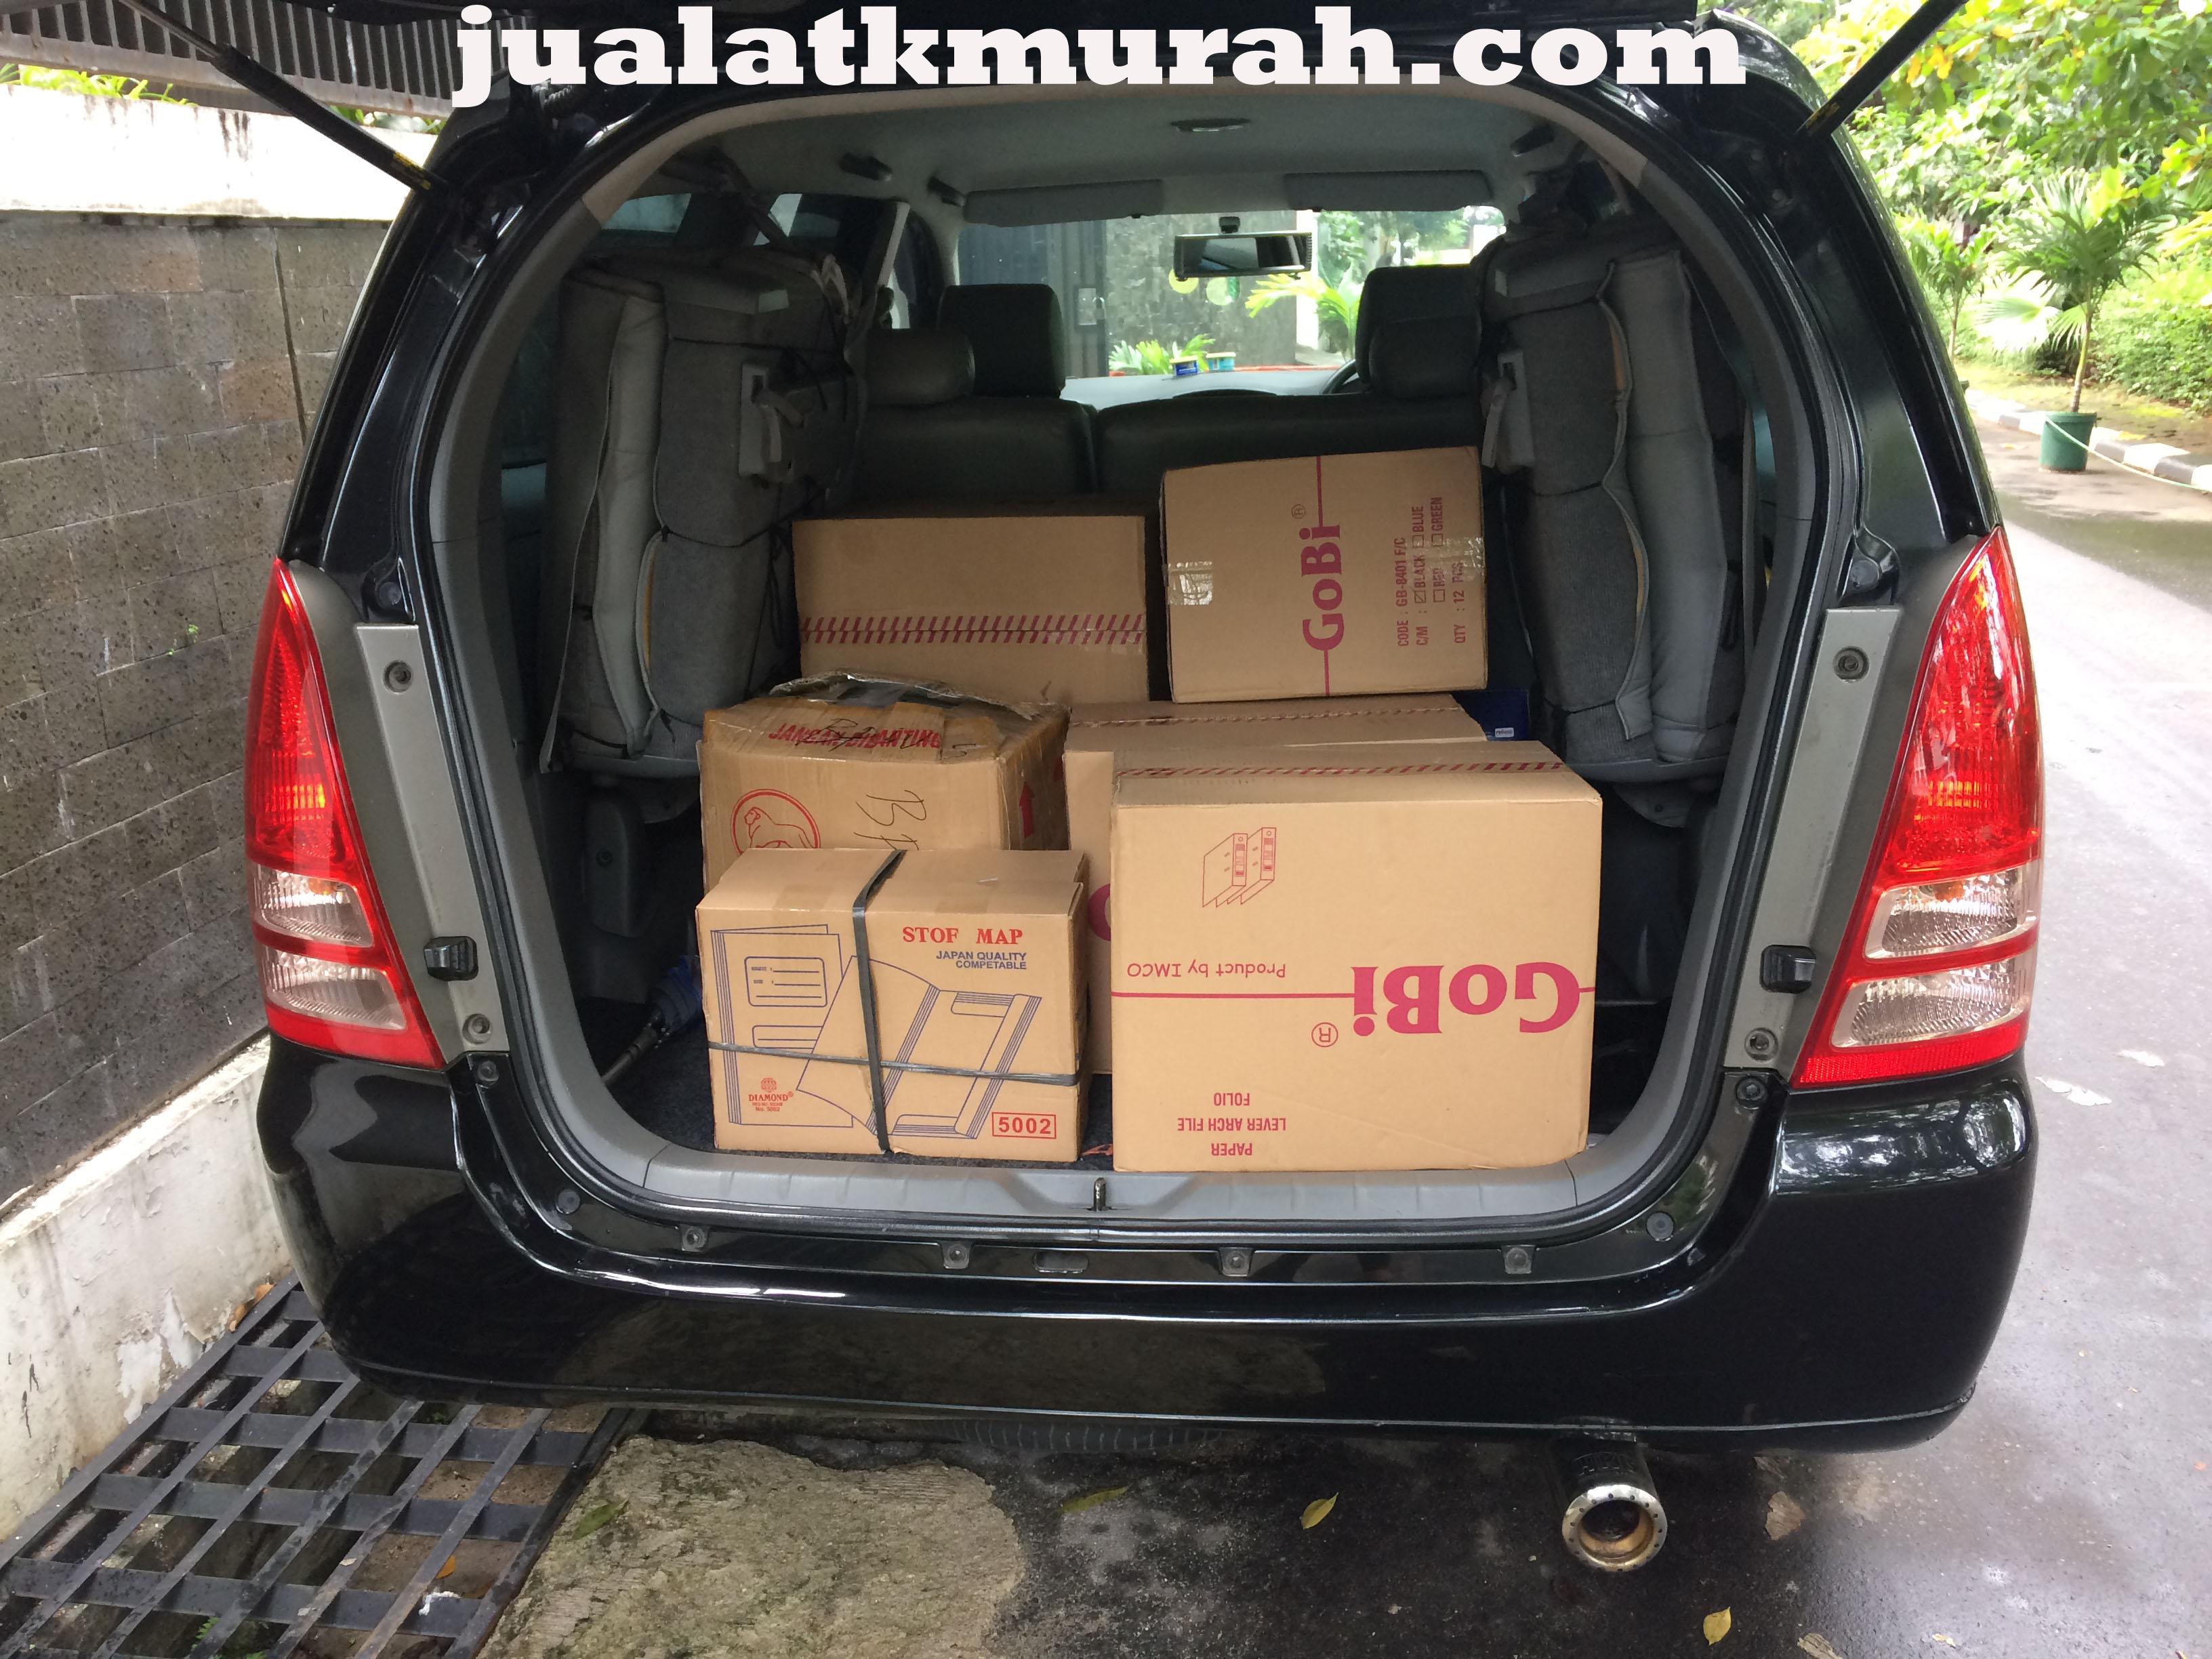 Jual ATK Murah di Ceger Jakarta Timur